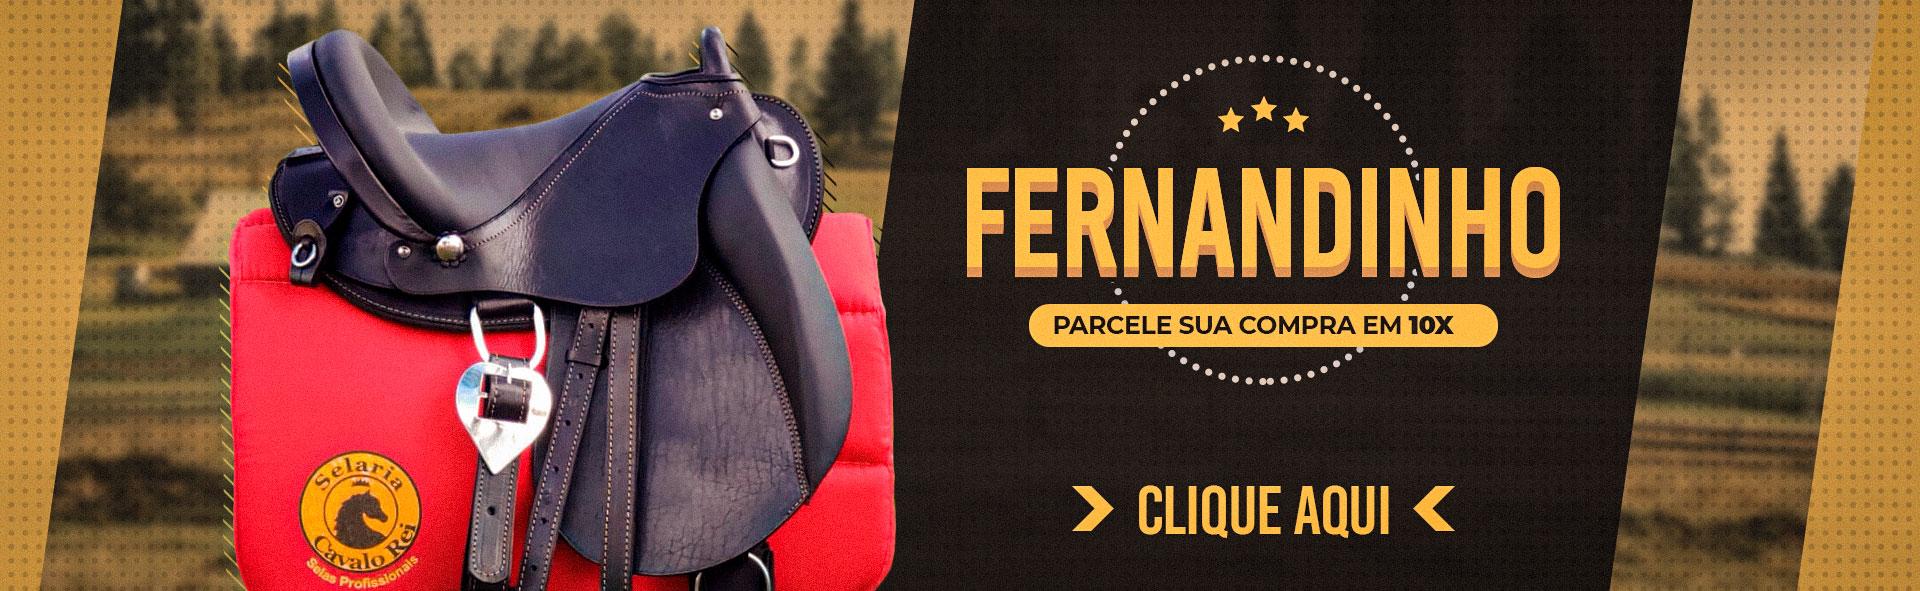 Banner da Fernandinho